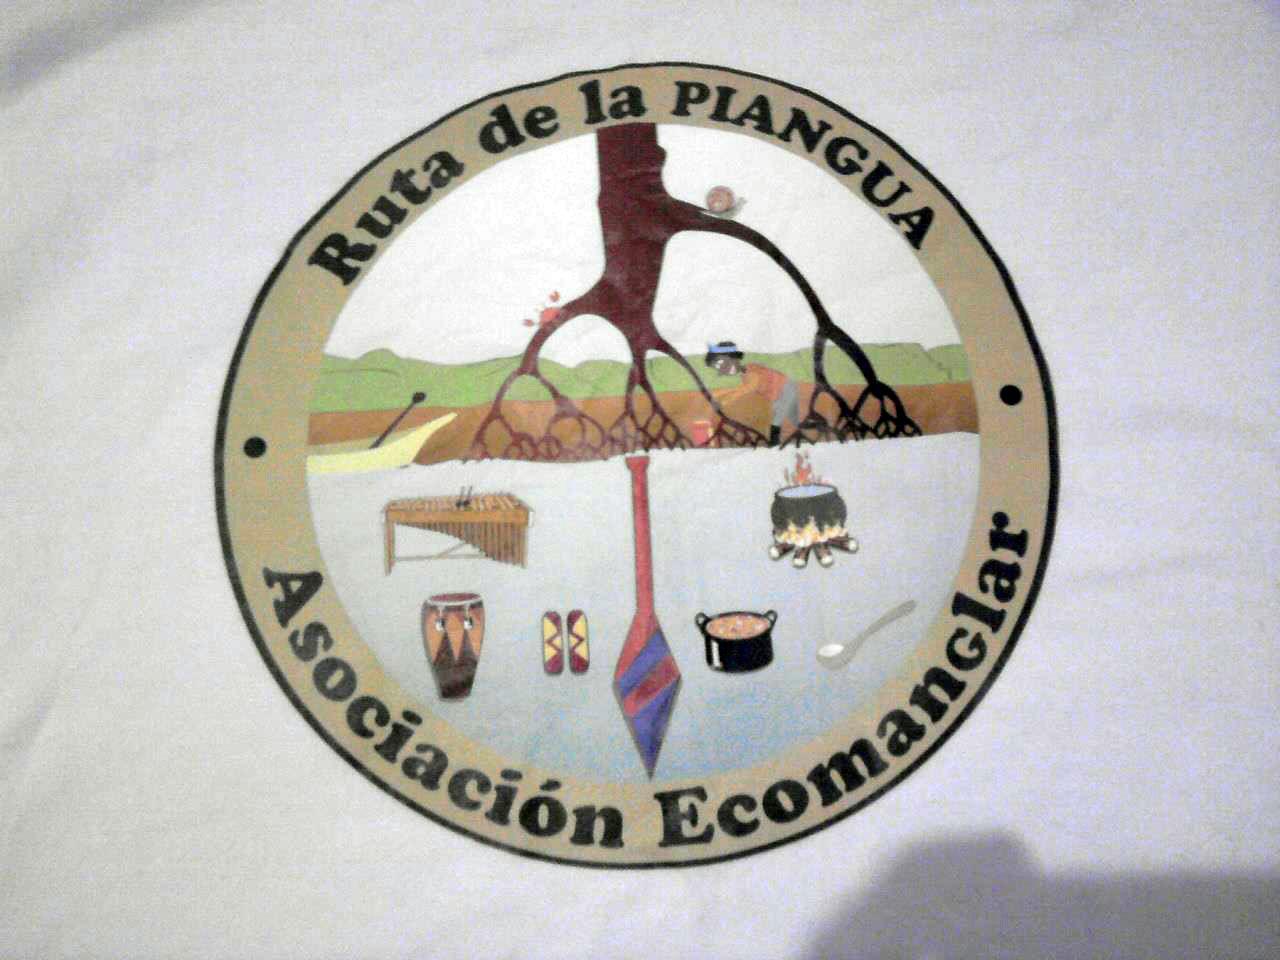 Fotografía del logo de la Ruta de la Piangua